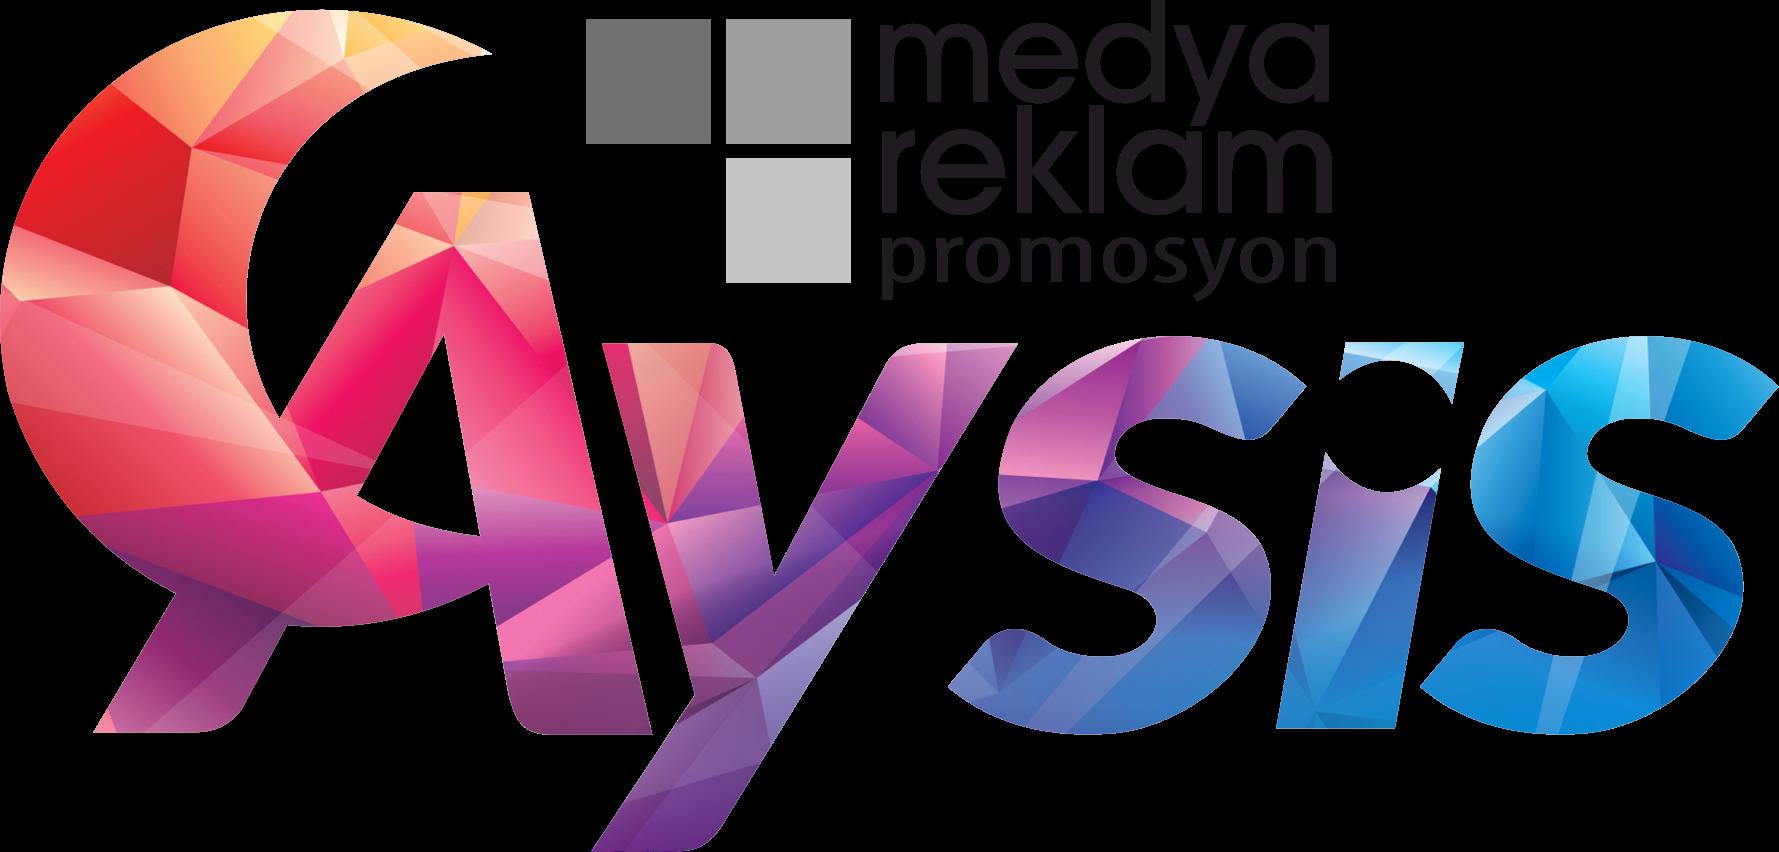 Aysis Reklam Promosyon